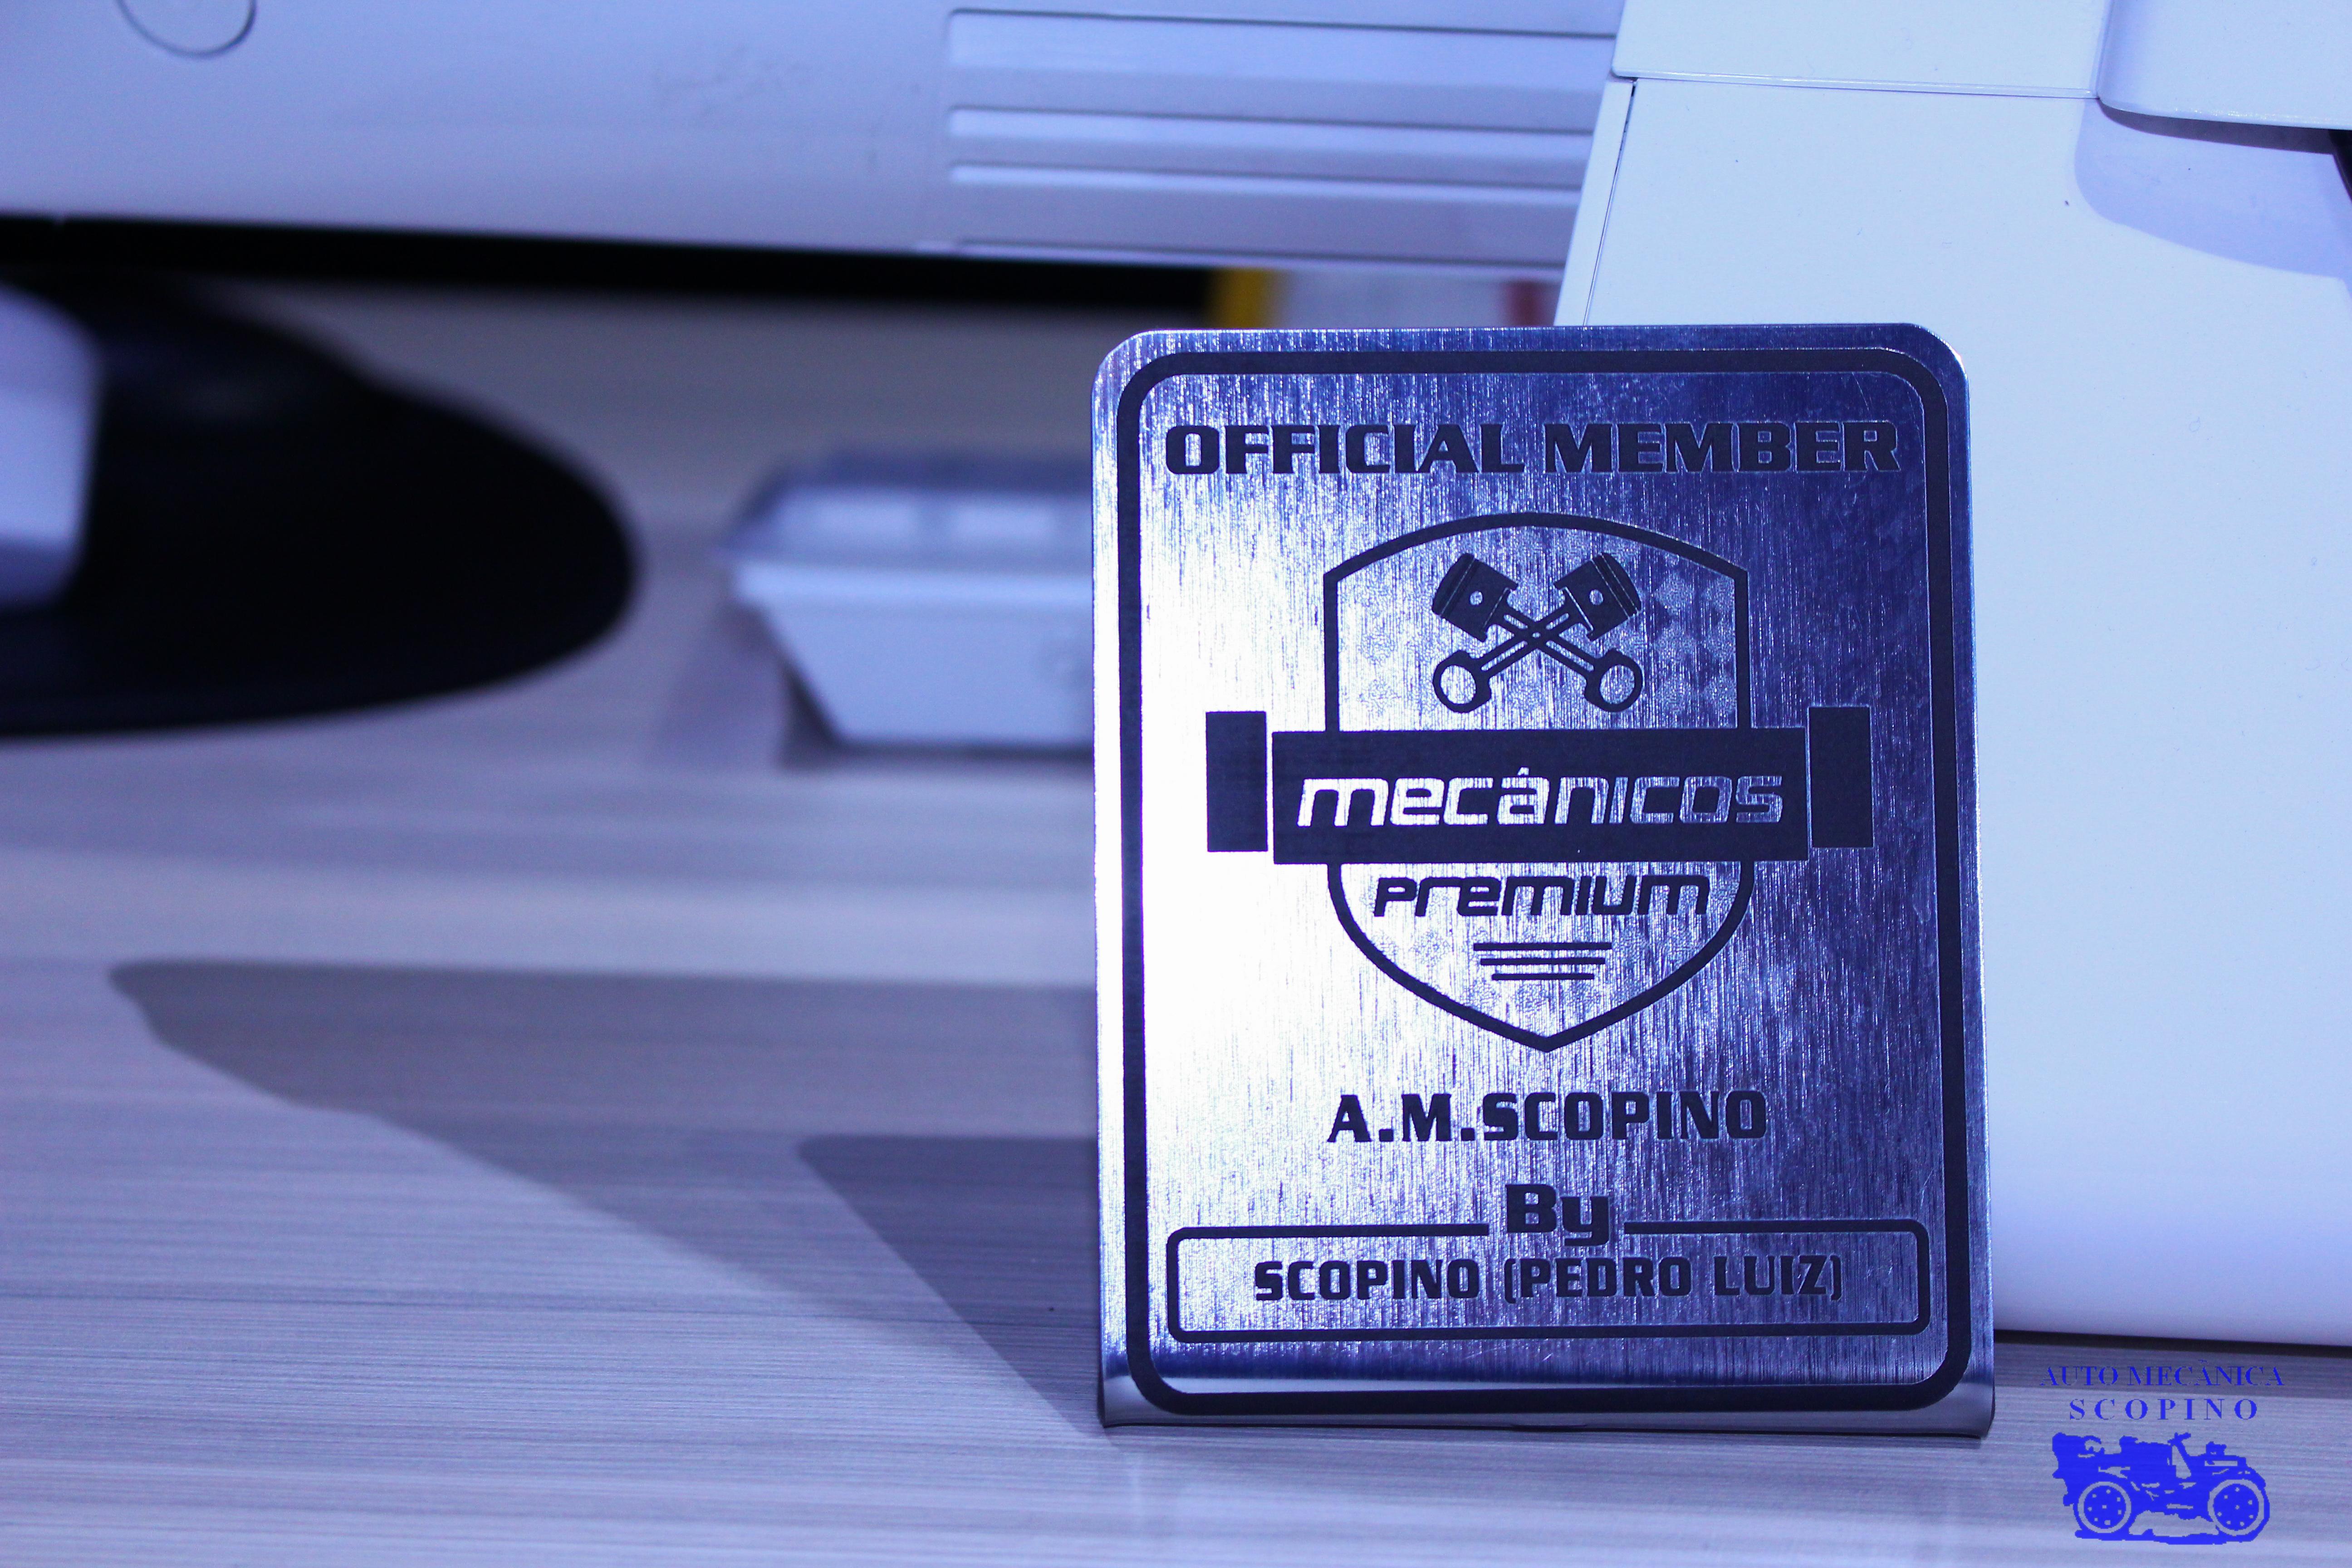 Selo<b> Mecânicos</b> Premium